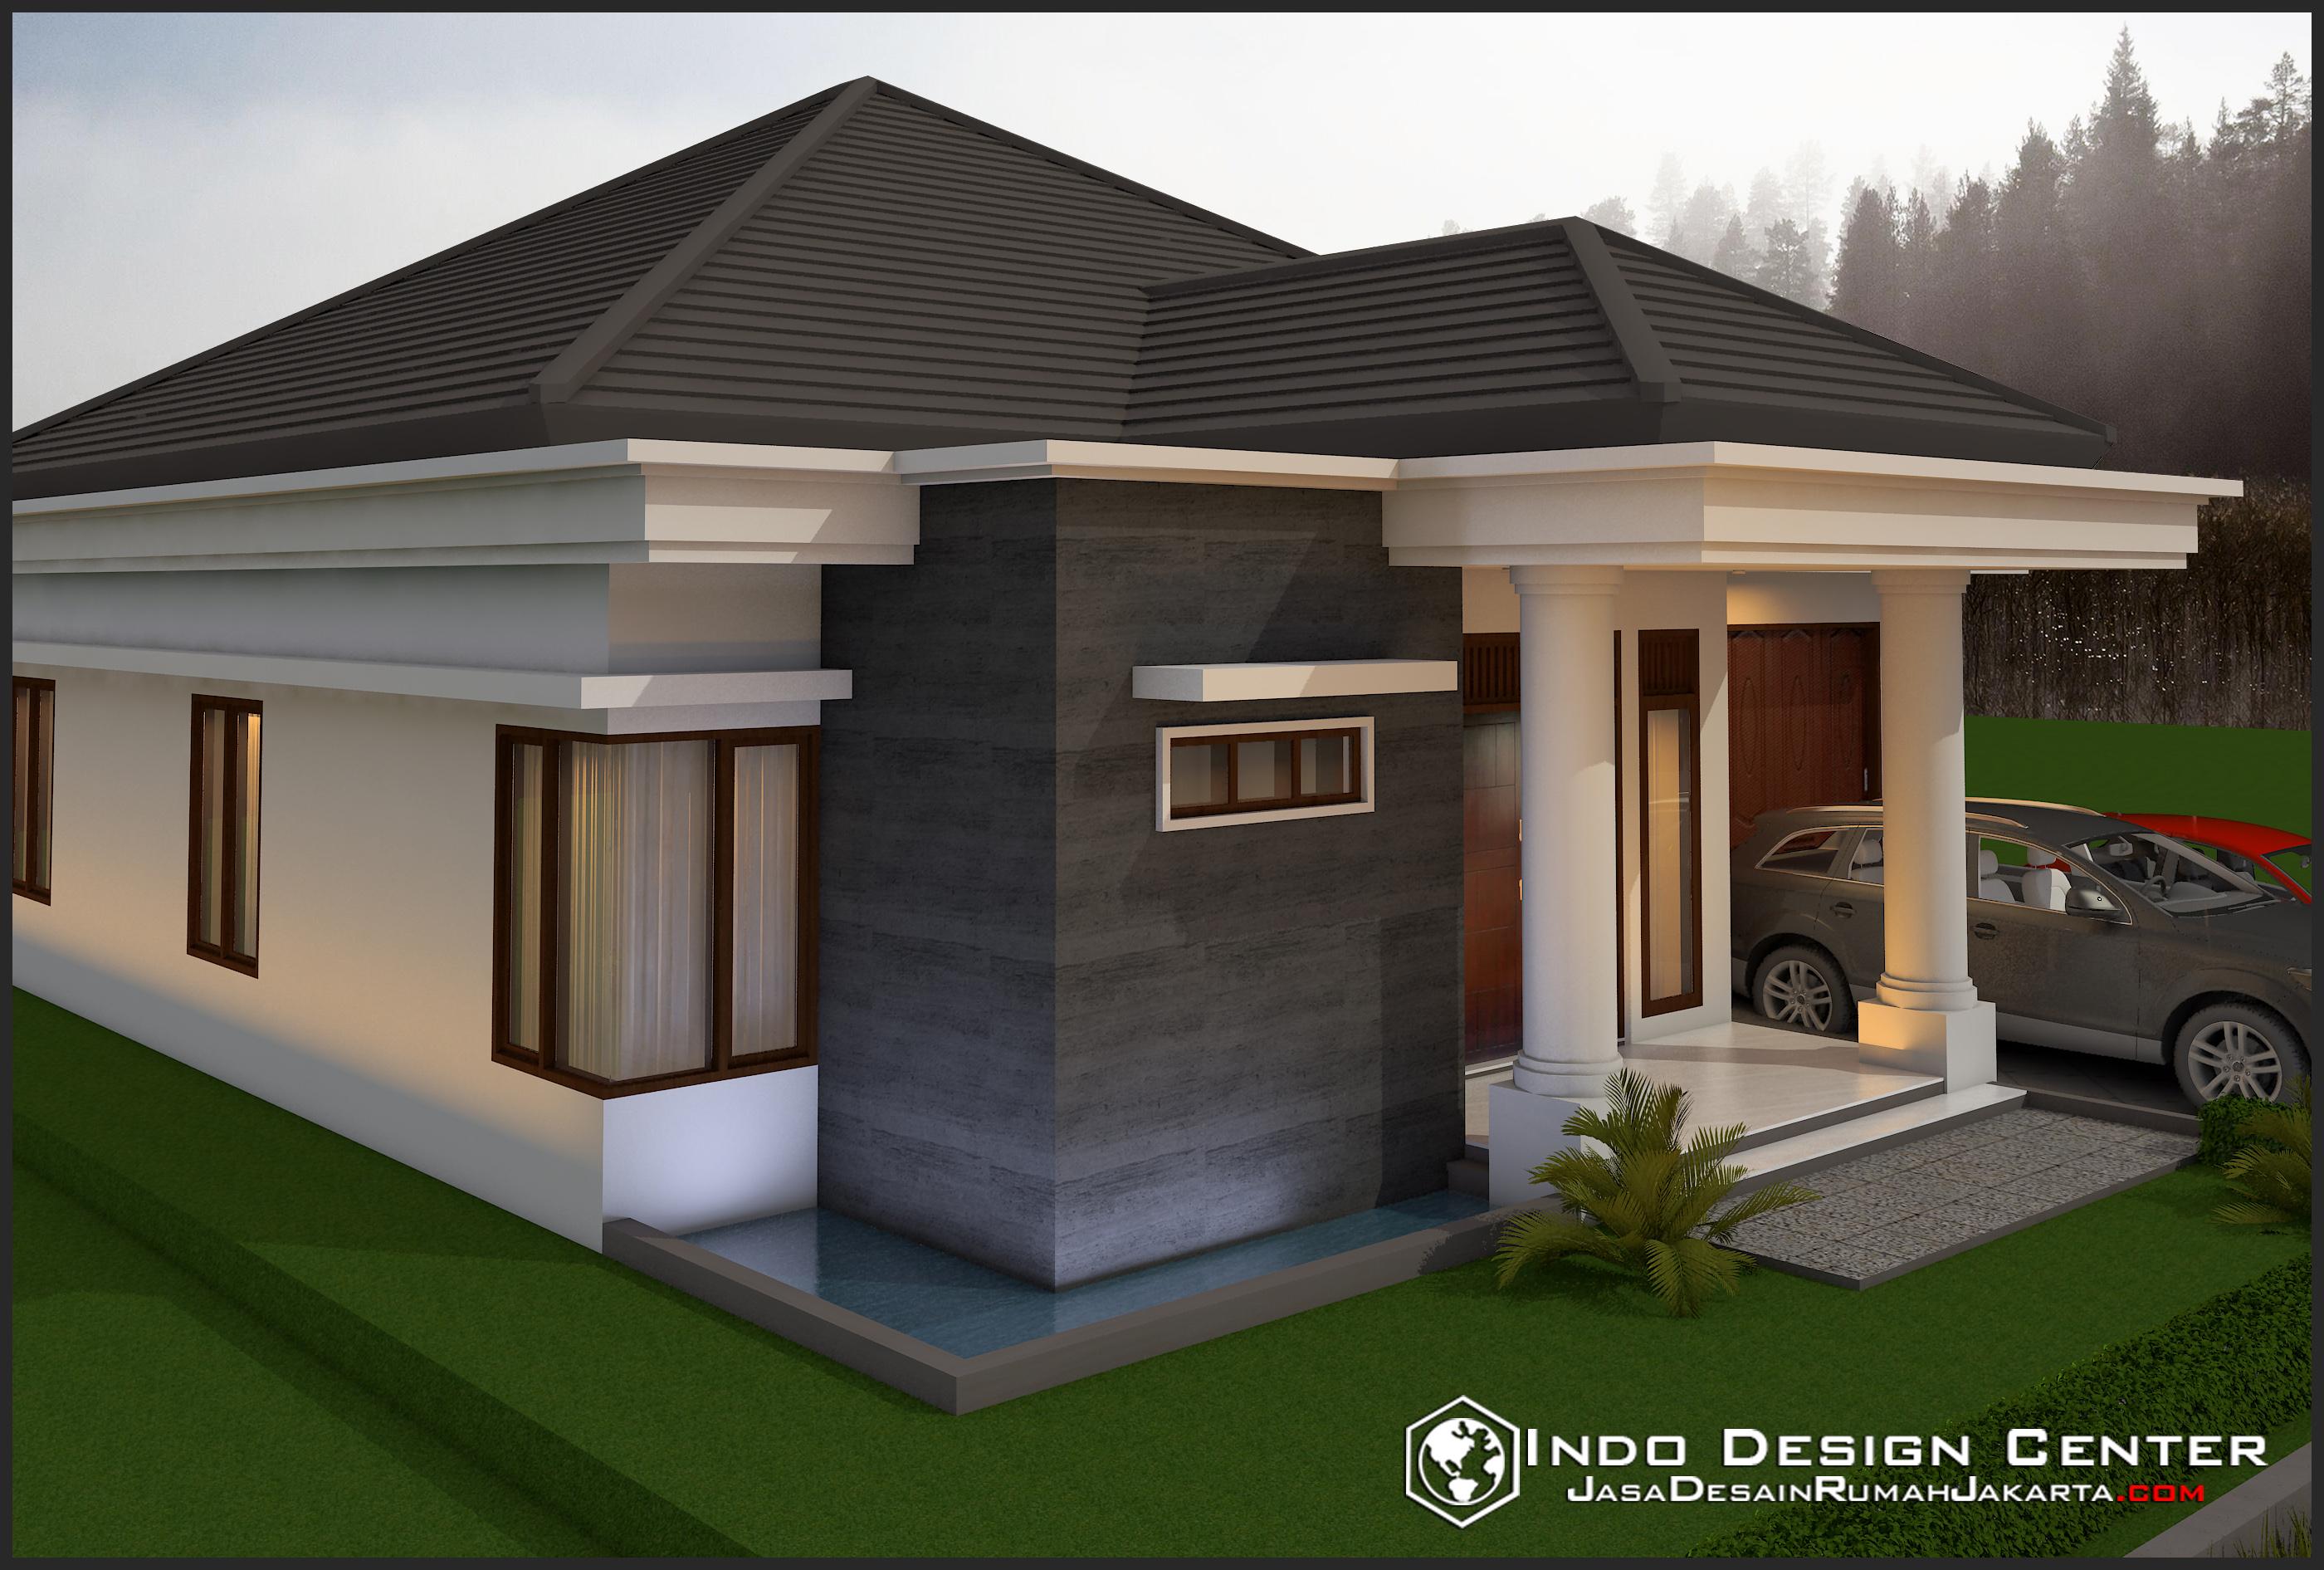 Gambar Rumah Kos Sederhana desain rumah kos sederhana 2